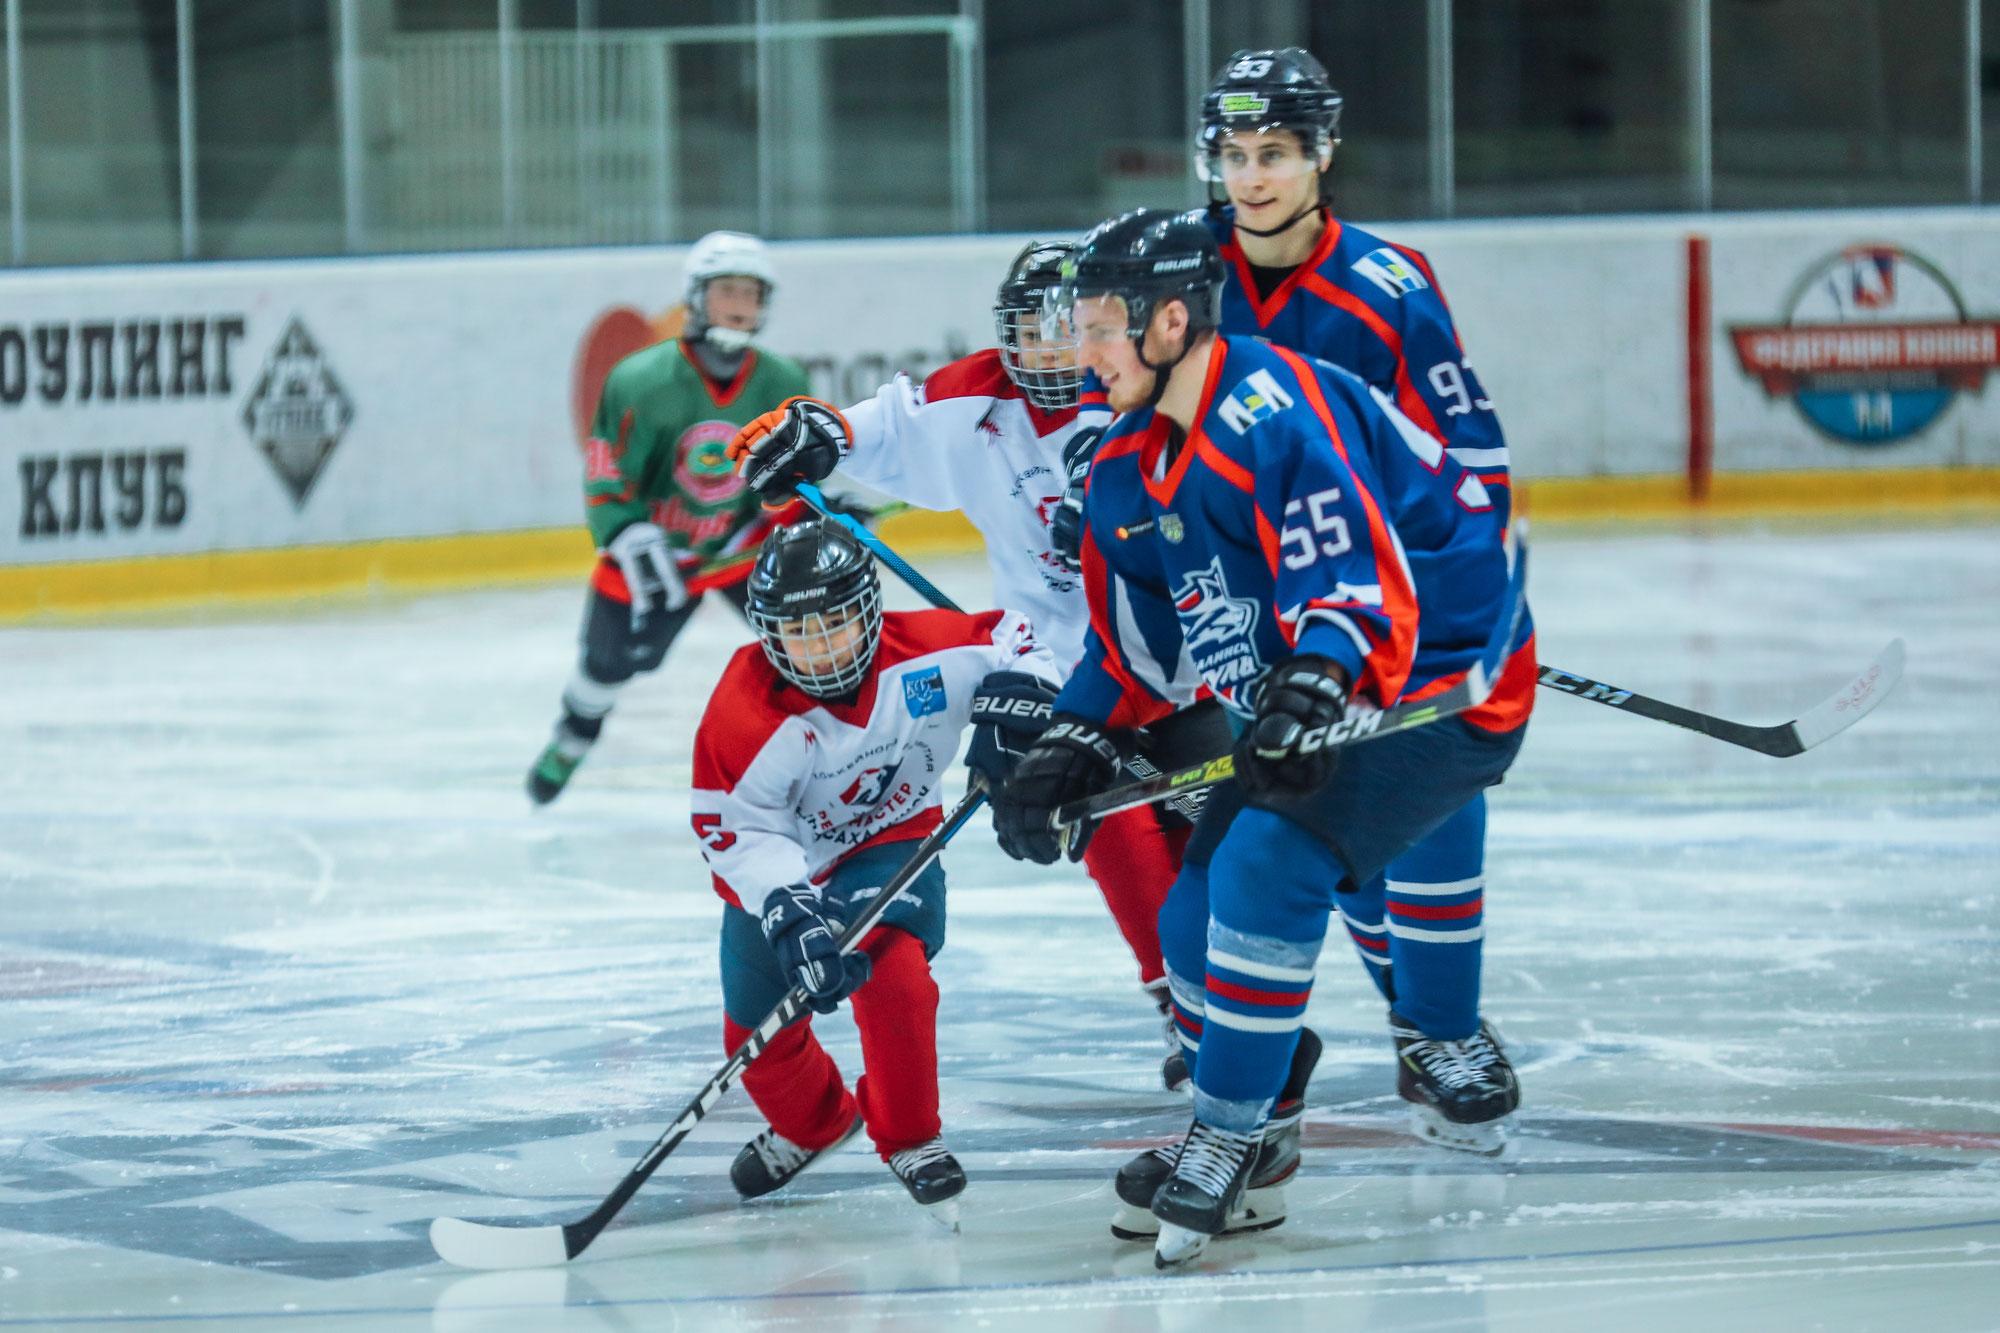 На Сахалине состоялся благотворительный  хоккейный матч